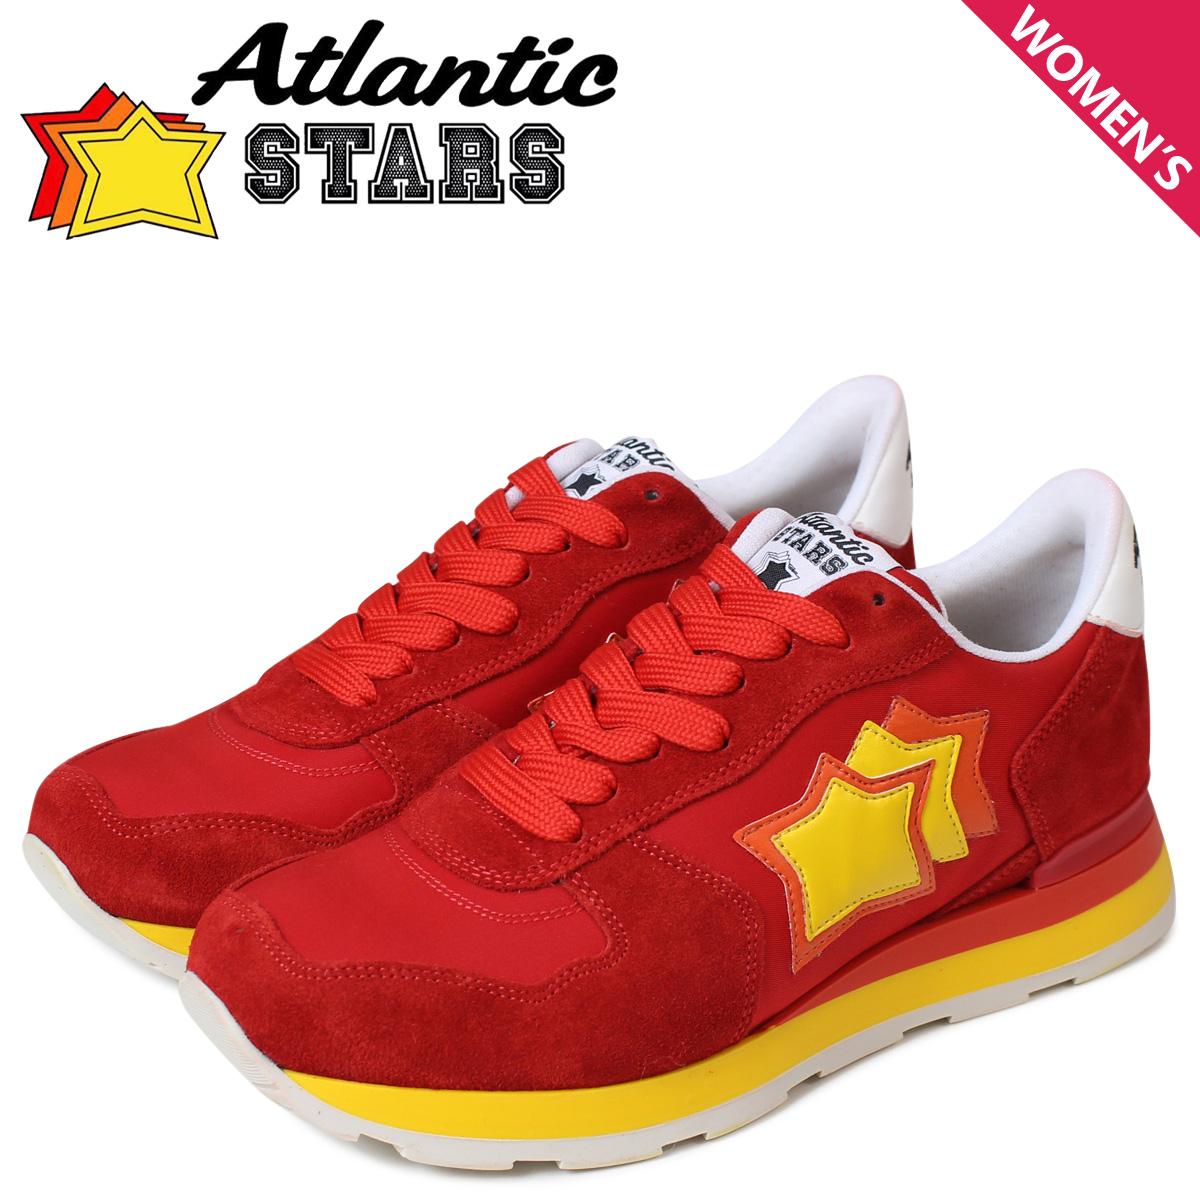 Atlantic STARS アトランティックスターズ スニーカー レディース ベガ VEGA レッド 赤 RR-27R